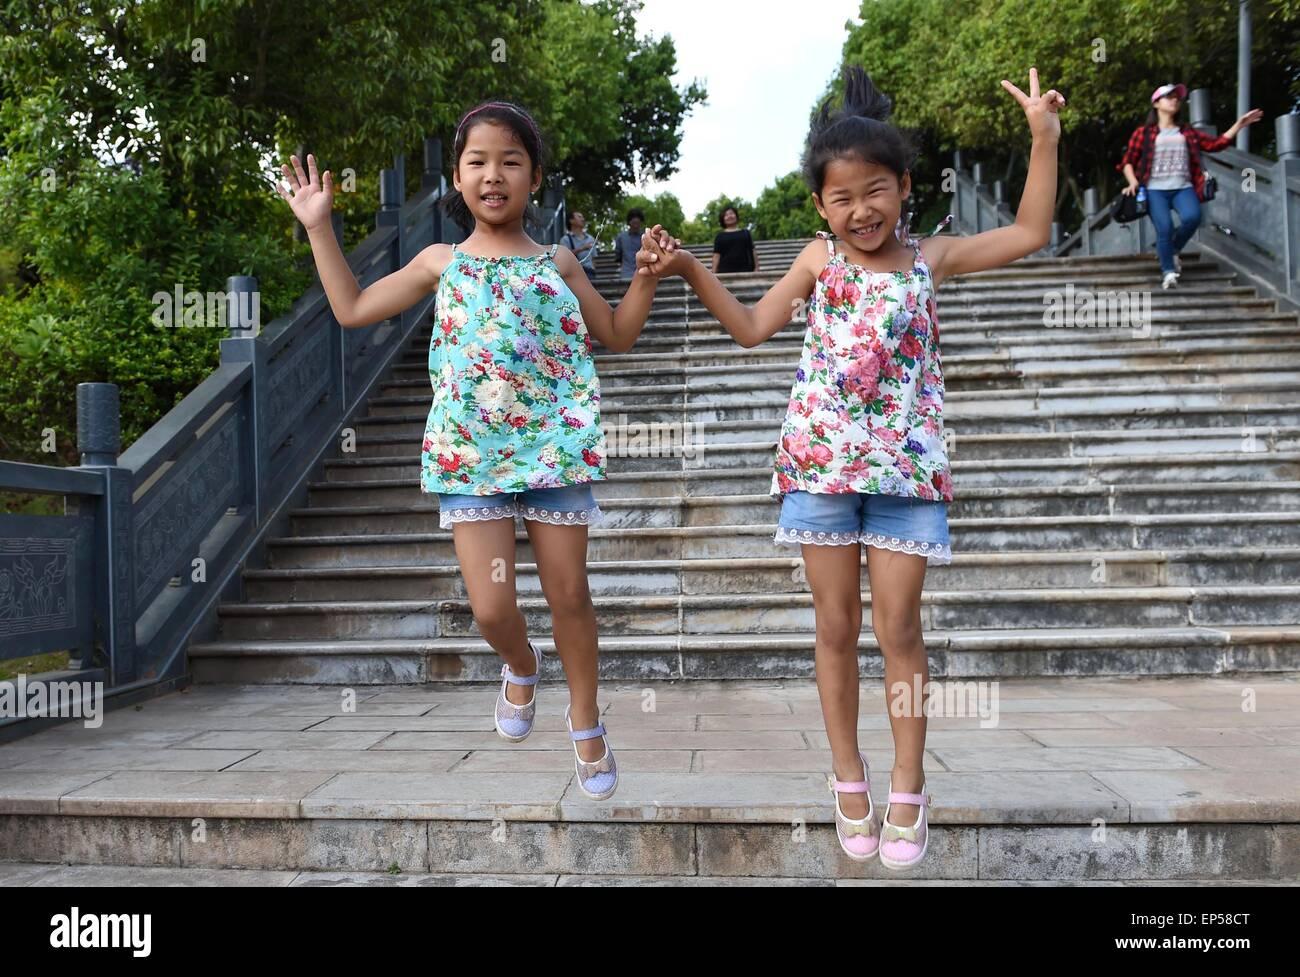 (150514) -- MOJIANG, May 14, 2015 (Xinhua) -- Twin sisters Jin Meixian (R) and Jin Huixian play at a park in Mojiang - Stock Image